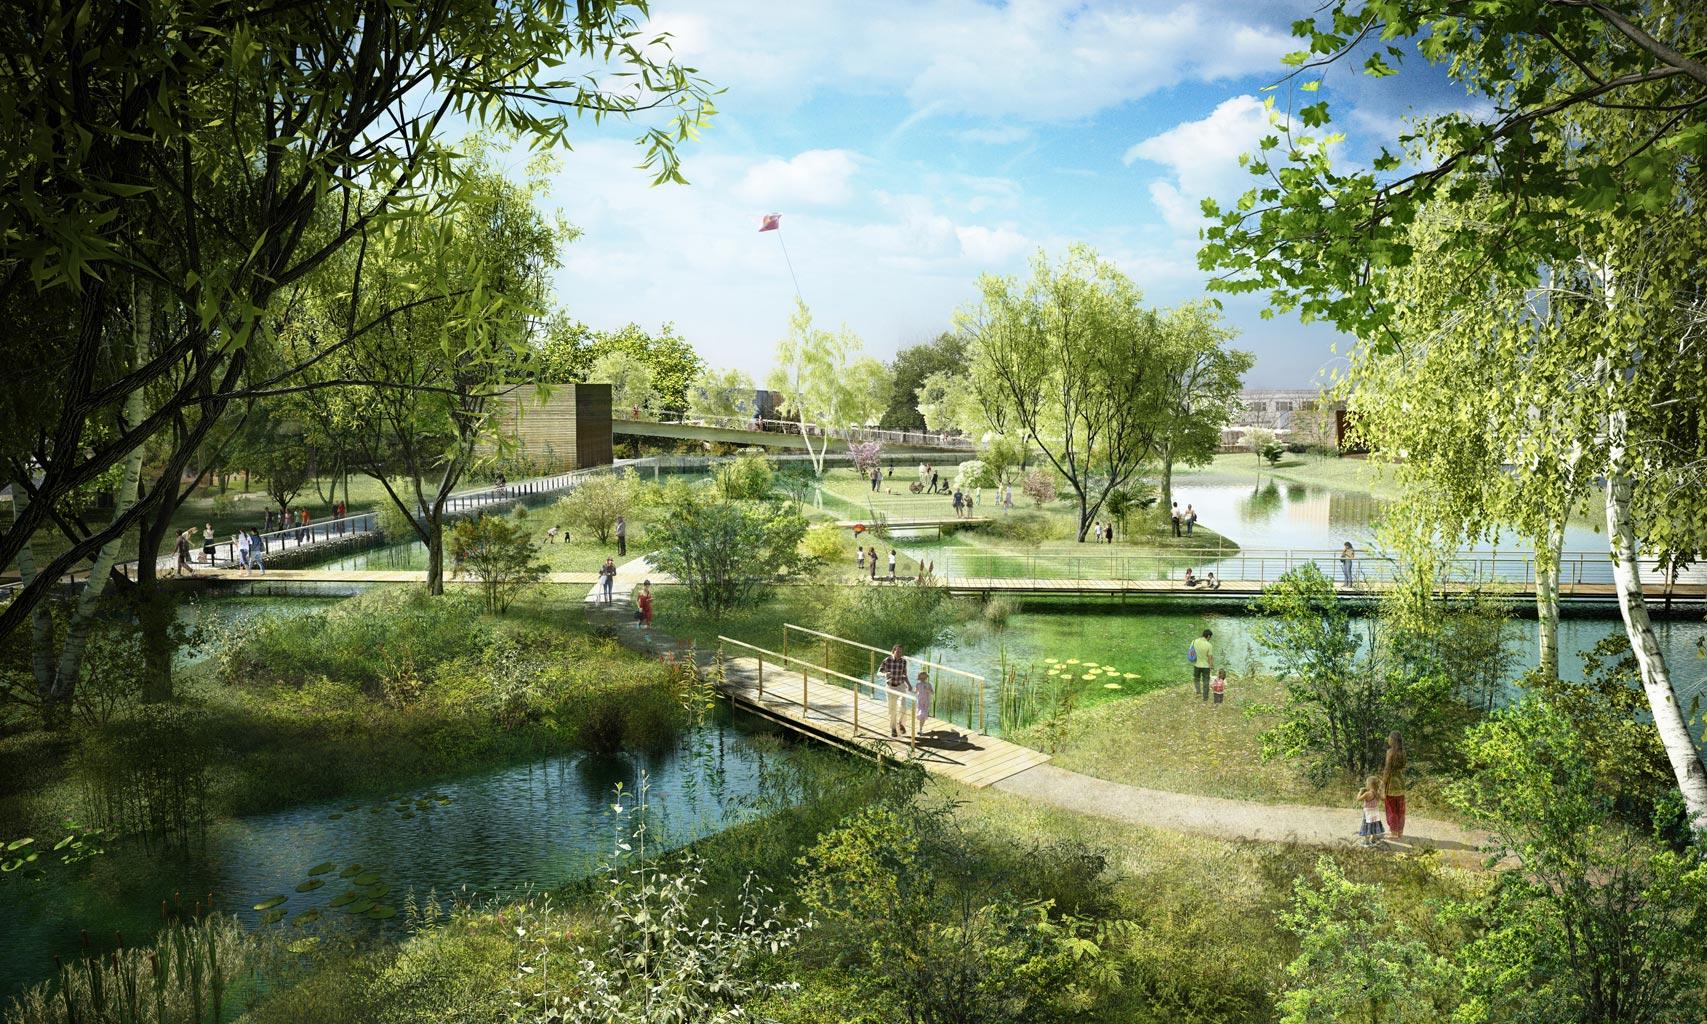 Piscine grand parc joli appartement sur grand parc avec for Chavannes piscine